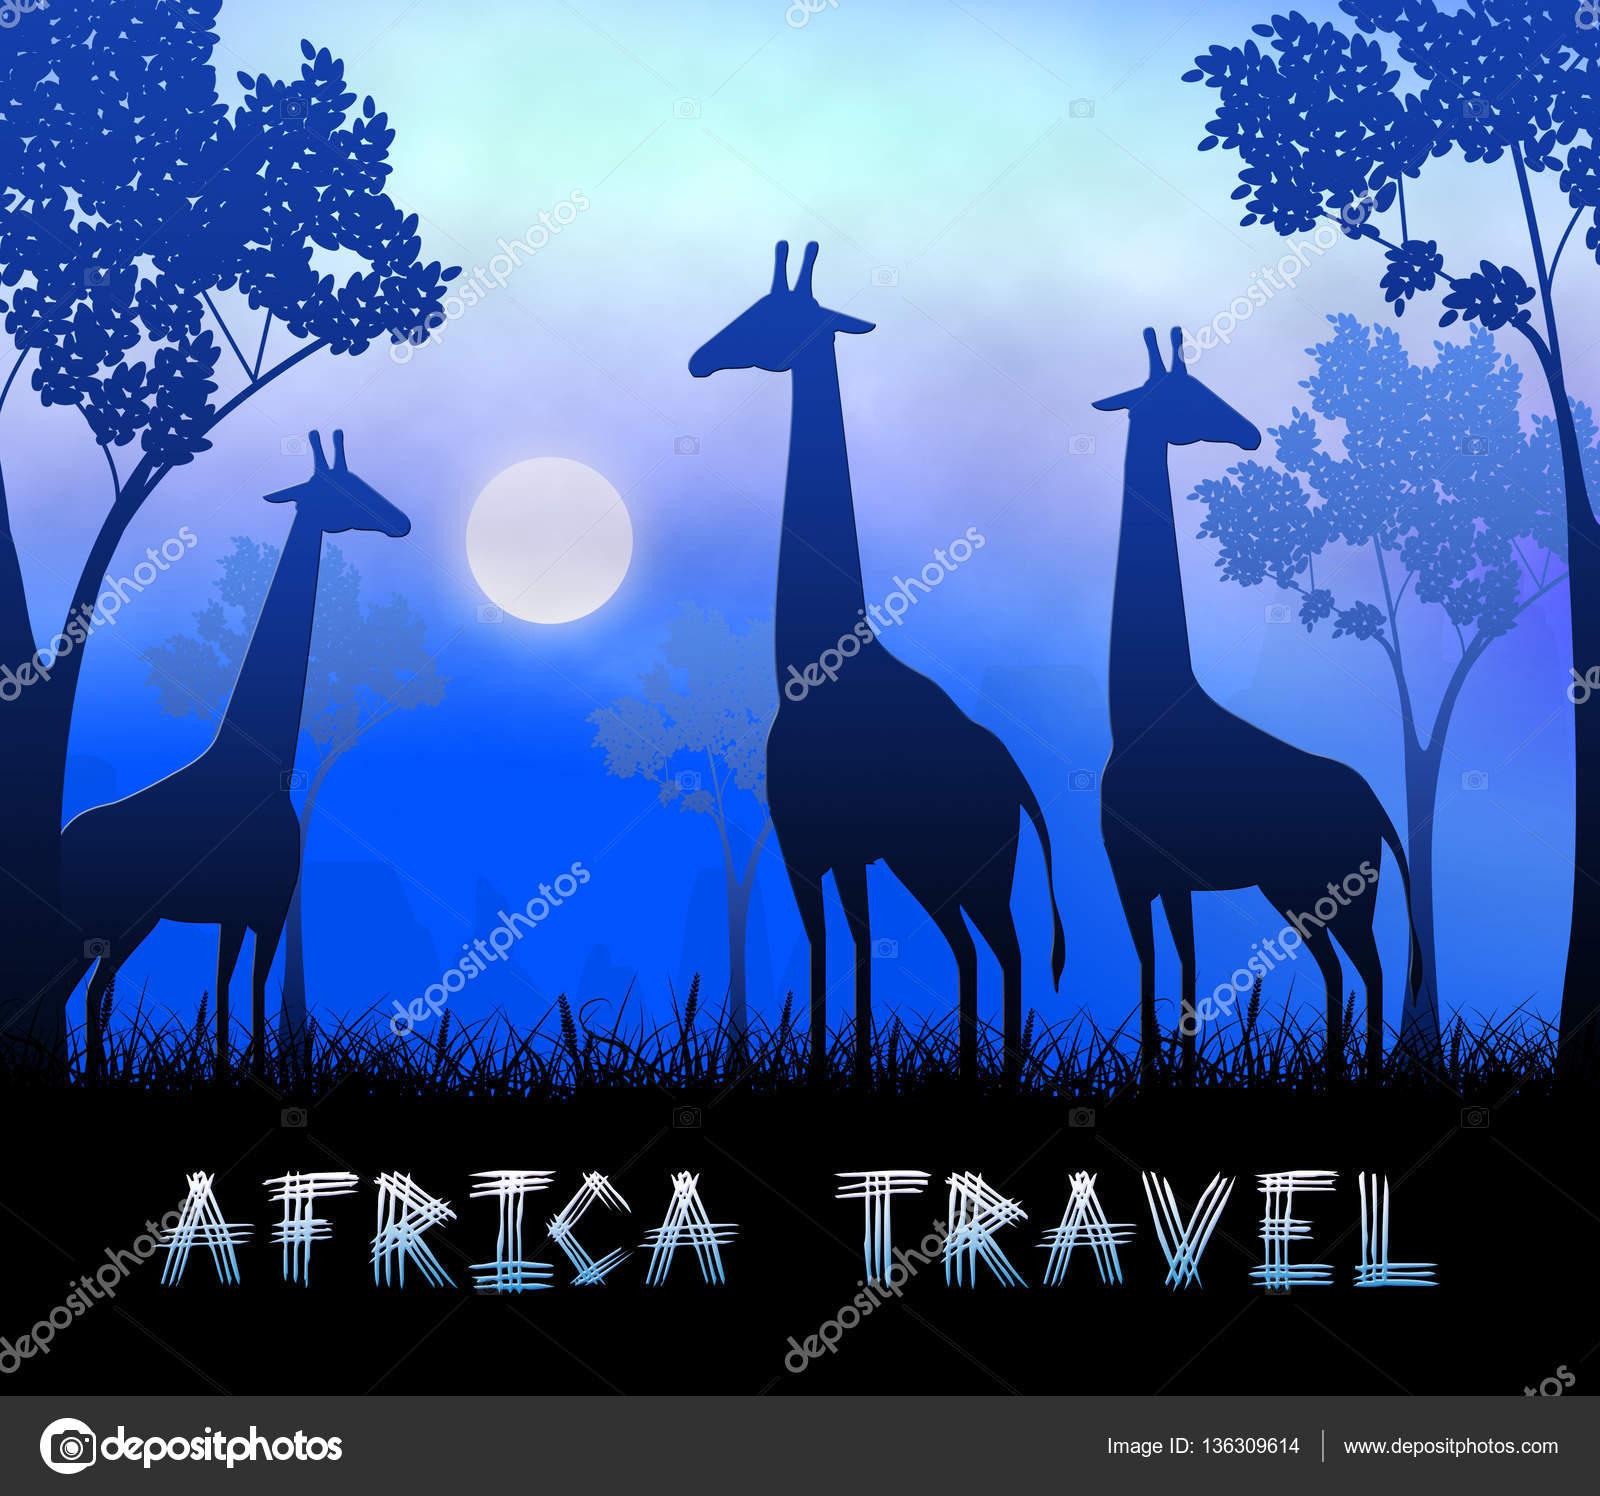 afrikai találat keresztény sebesség társkereső atlanta